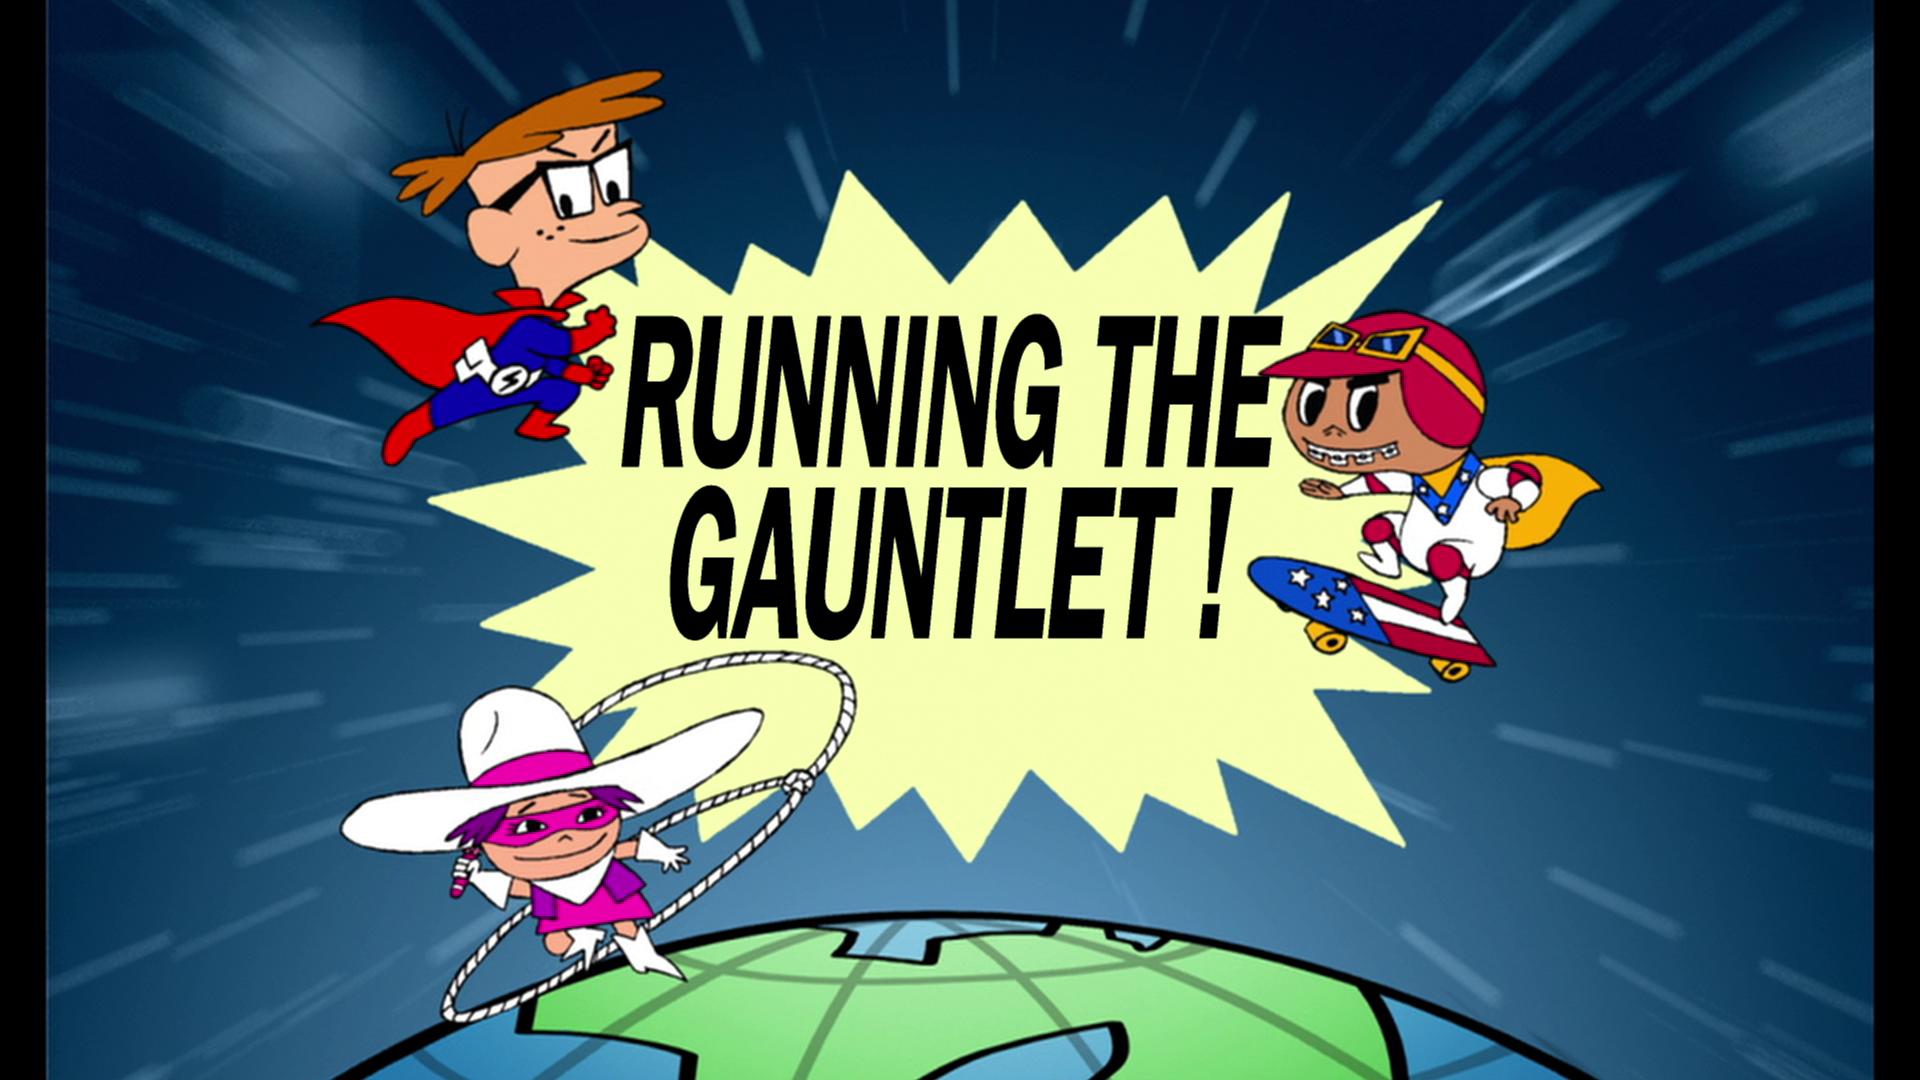 Running the Gauntlet!